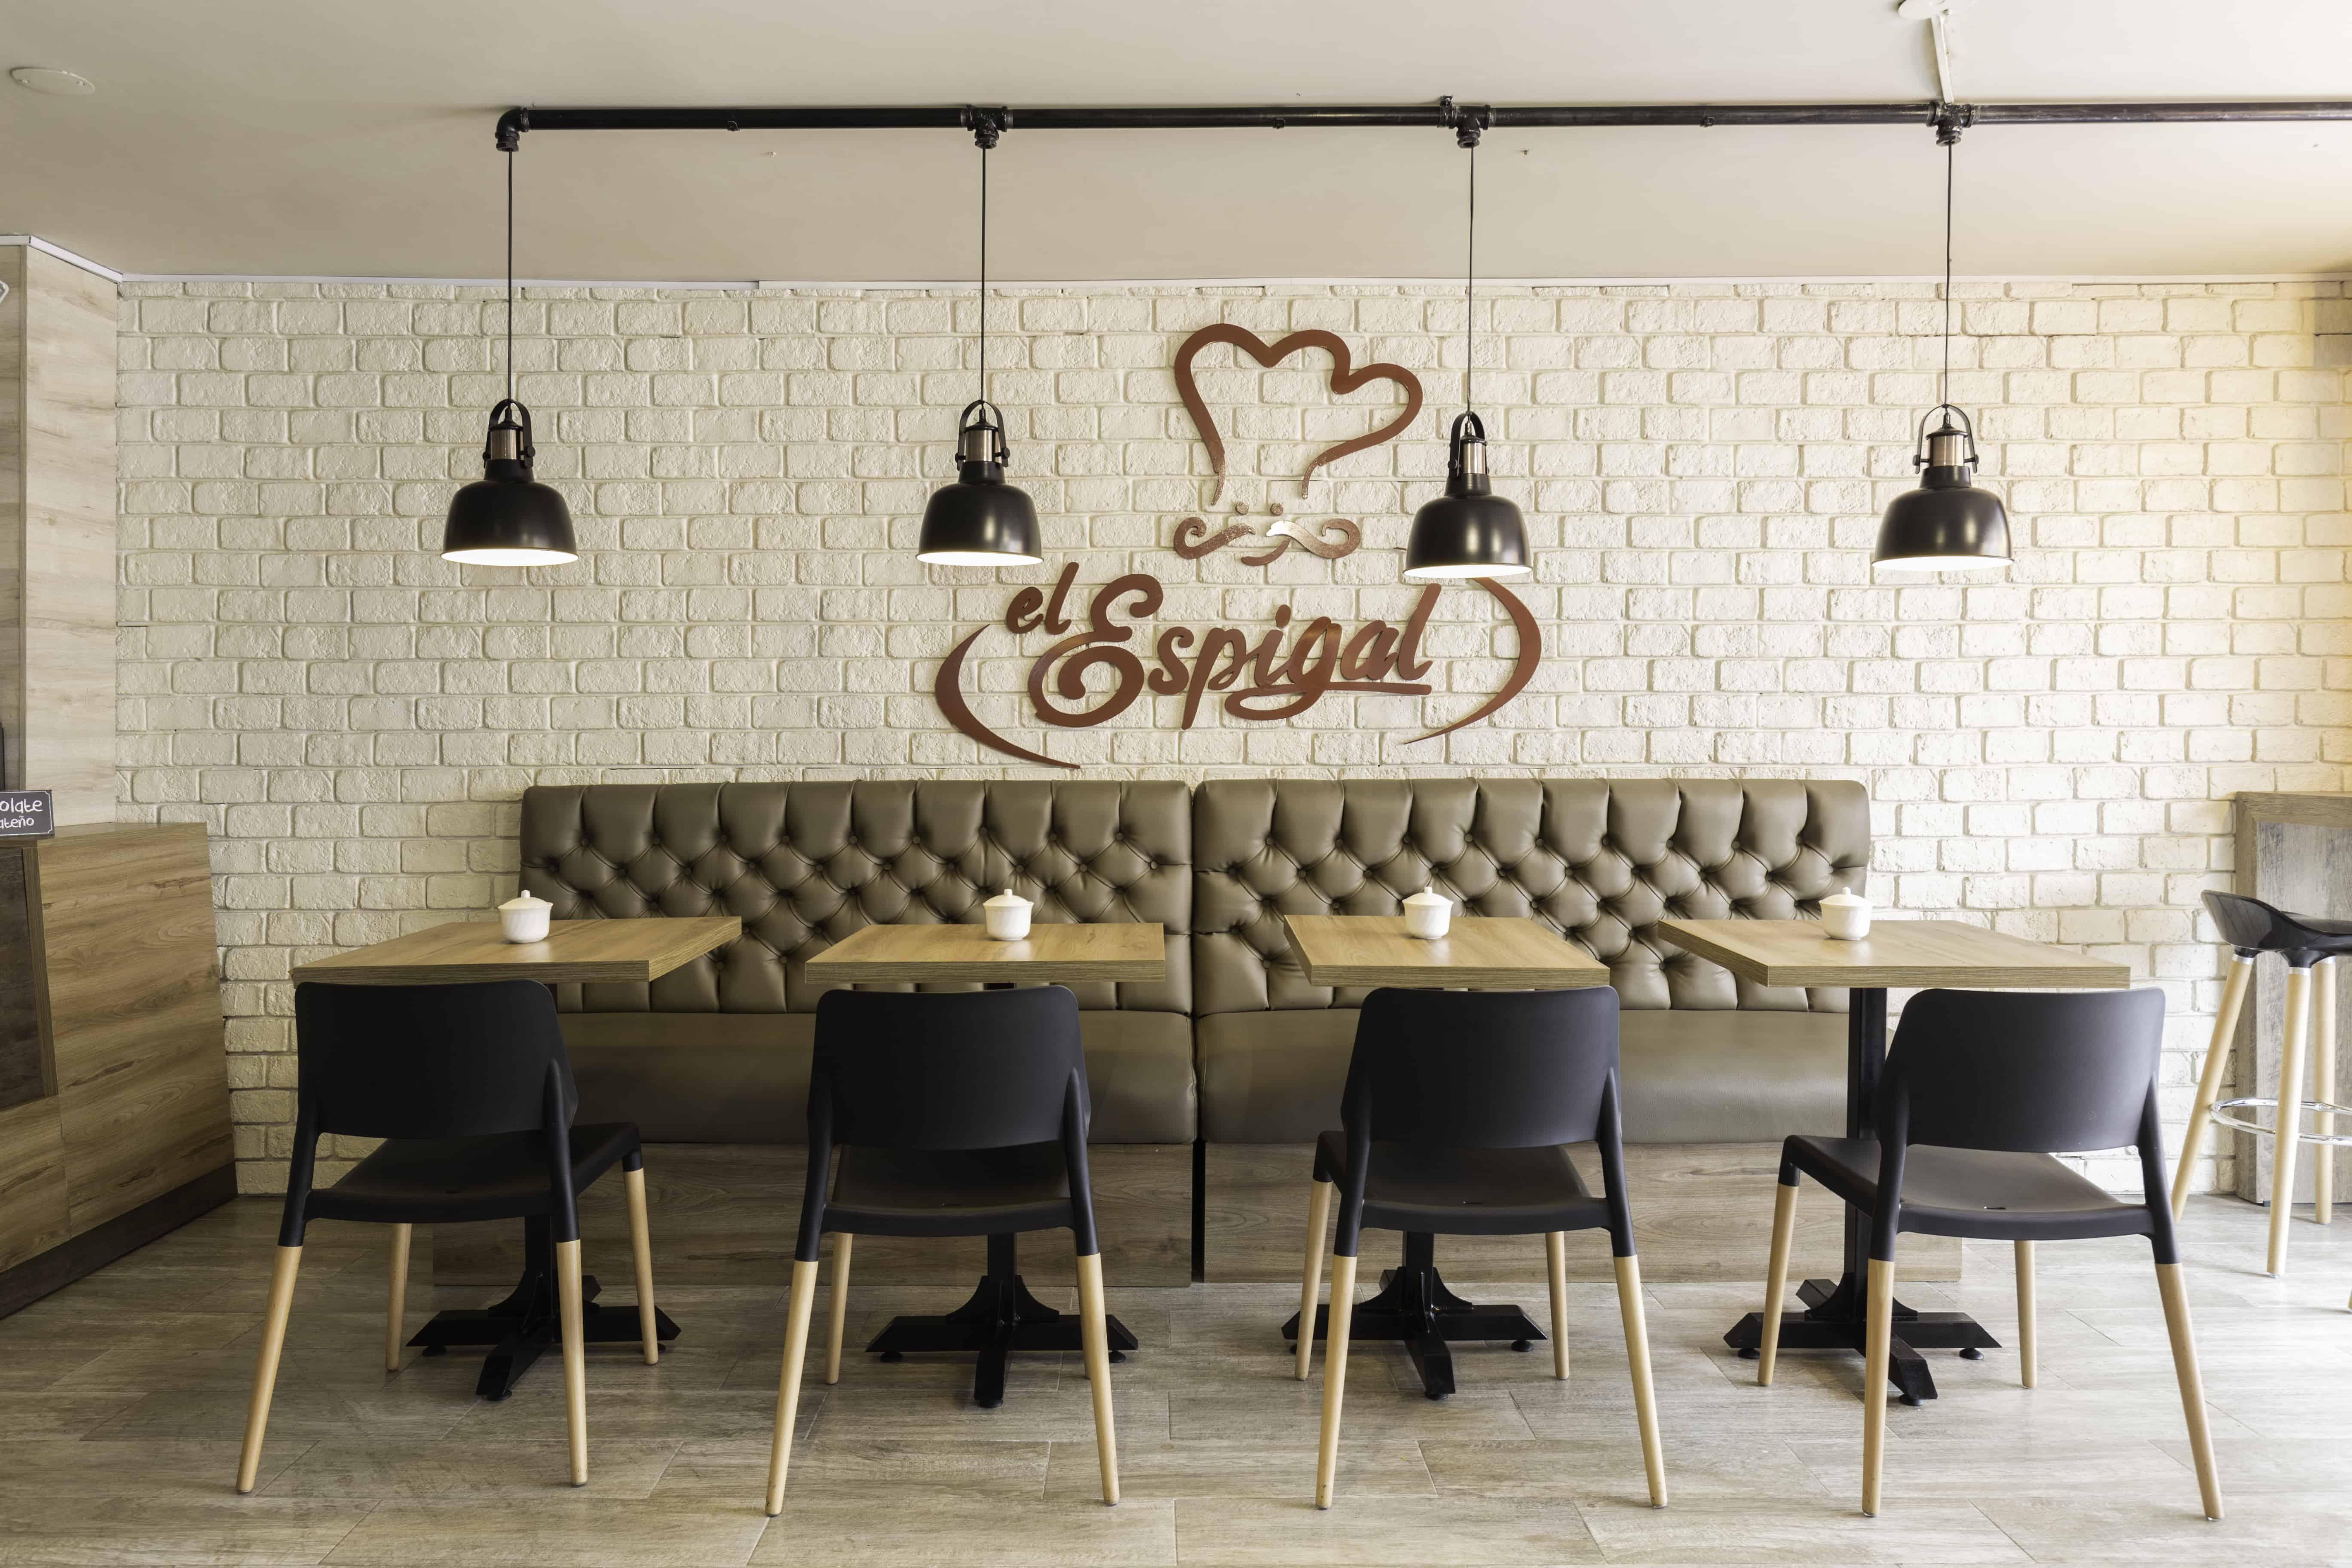 Detalle | El espigal Cafetería